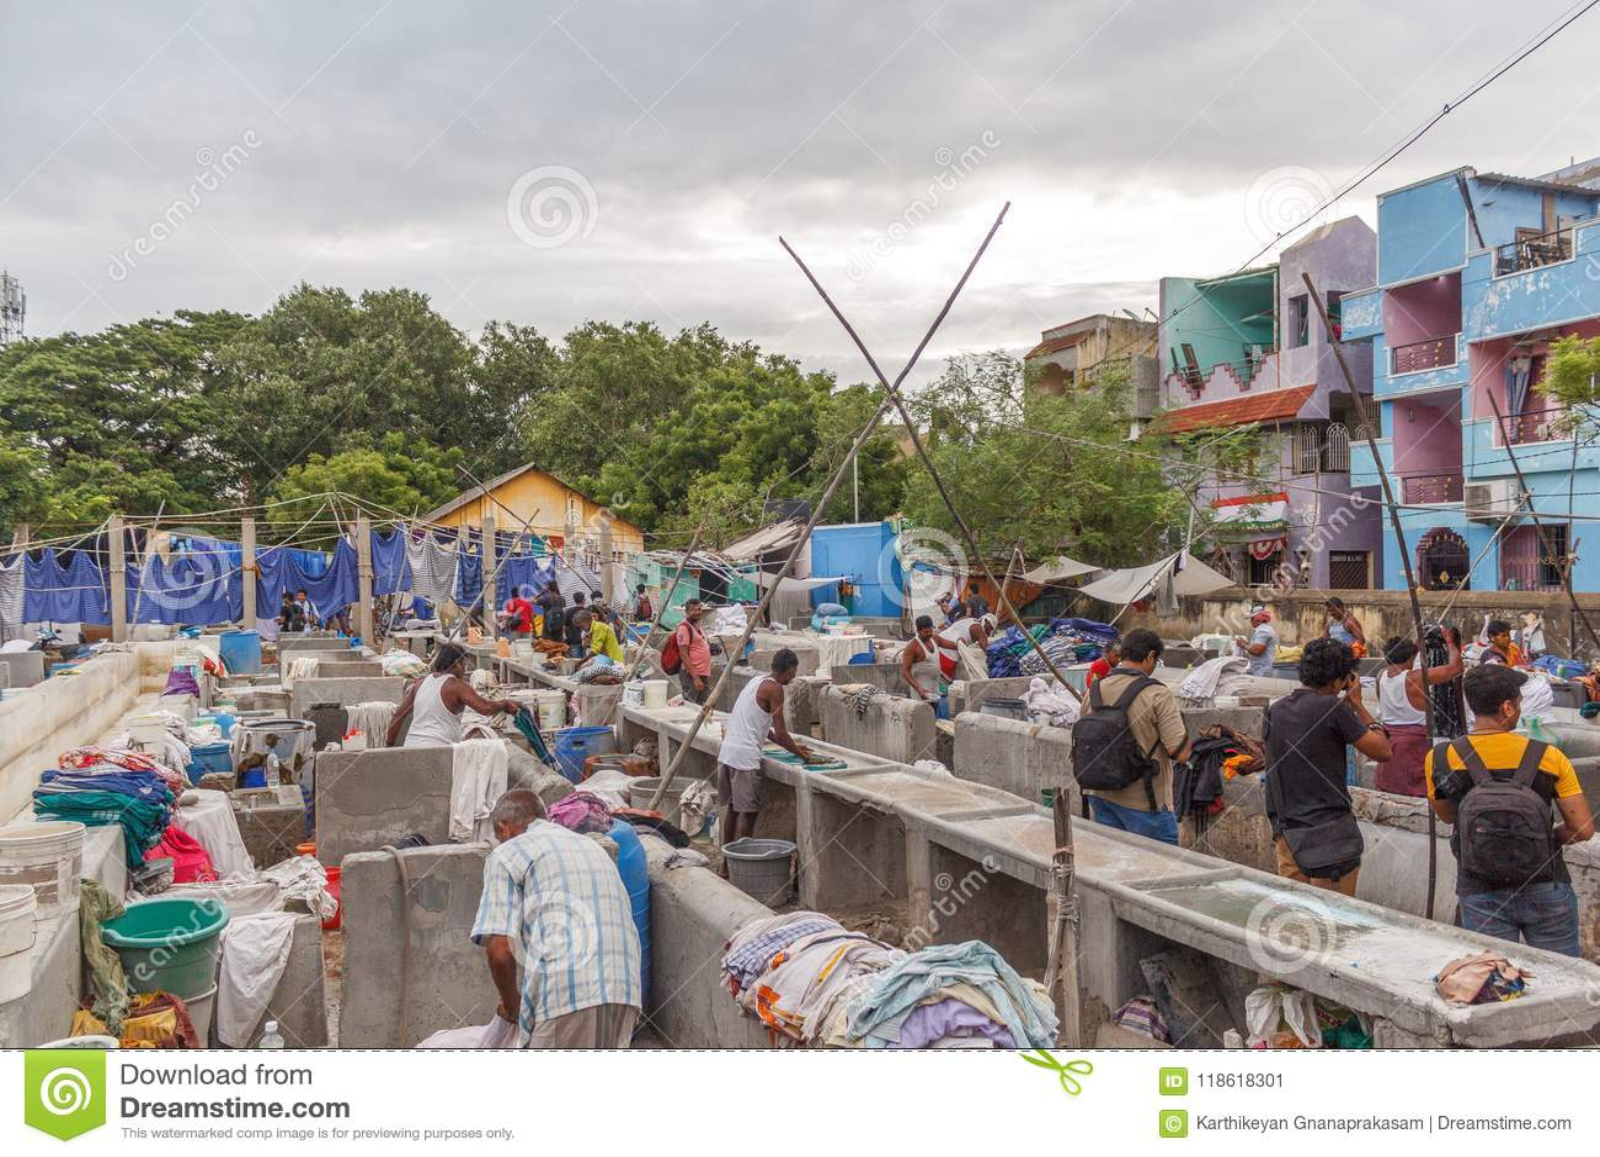 Dhobi加娜是一家知名的露天洗衣店在金奈印度